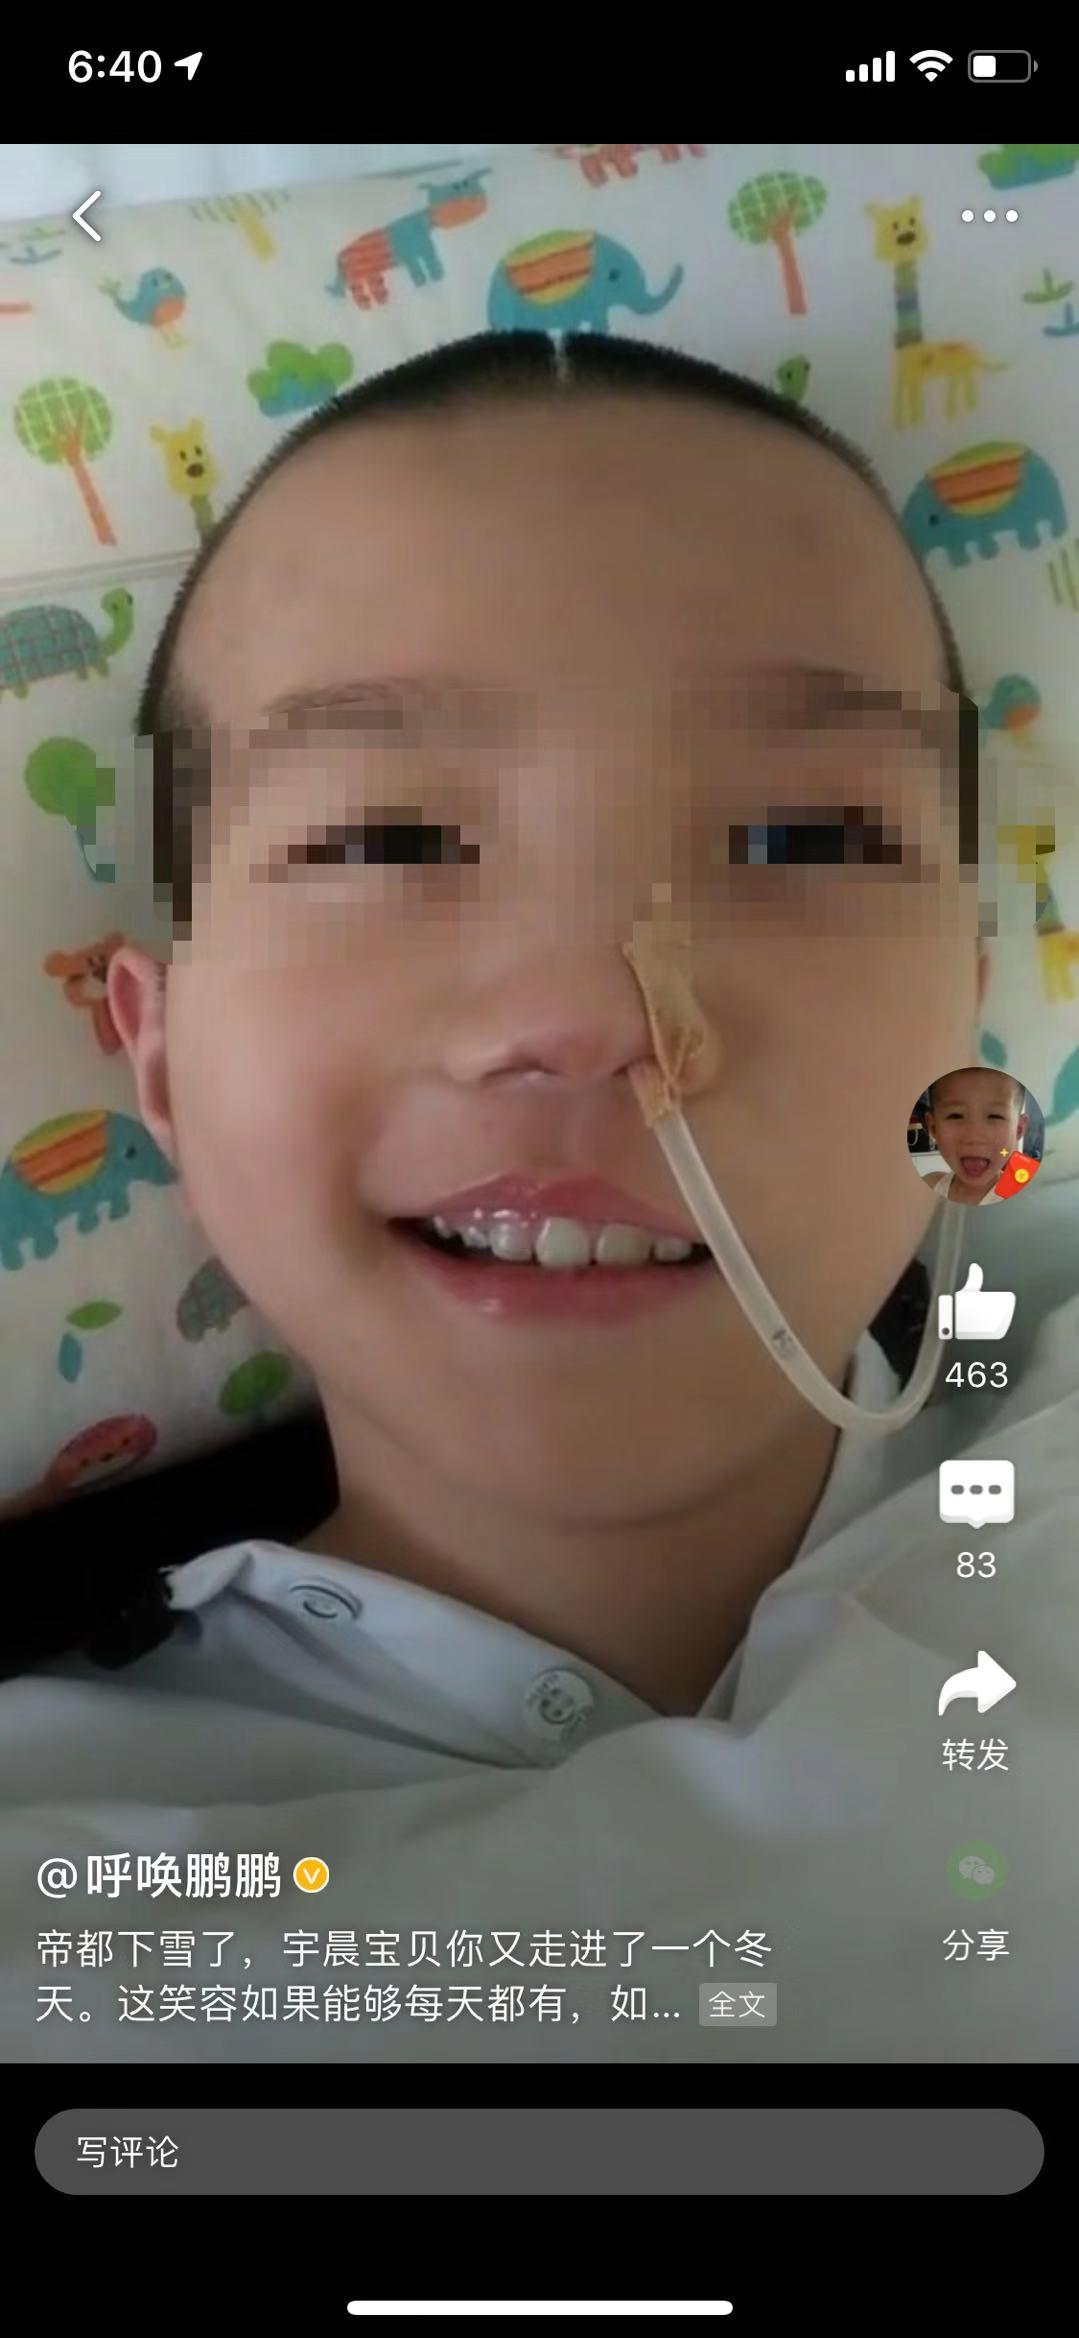 陕西继母虐童案:男童生父因虐待罪遗弃罪被判3年